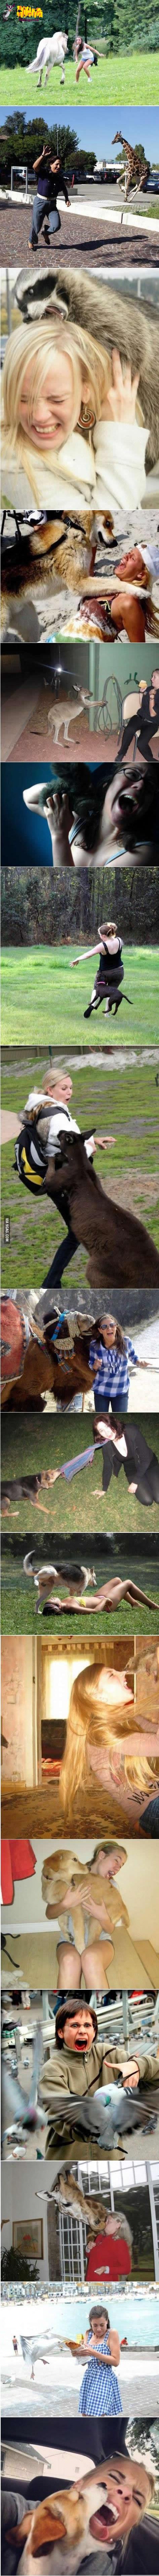 jeito com animais 2